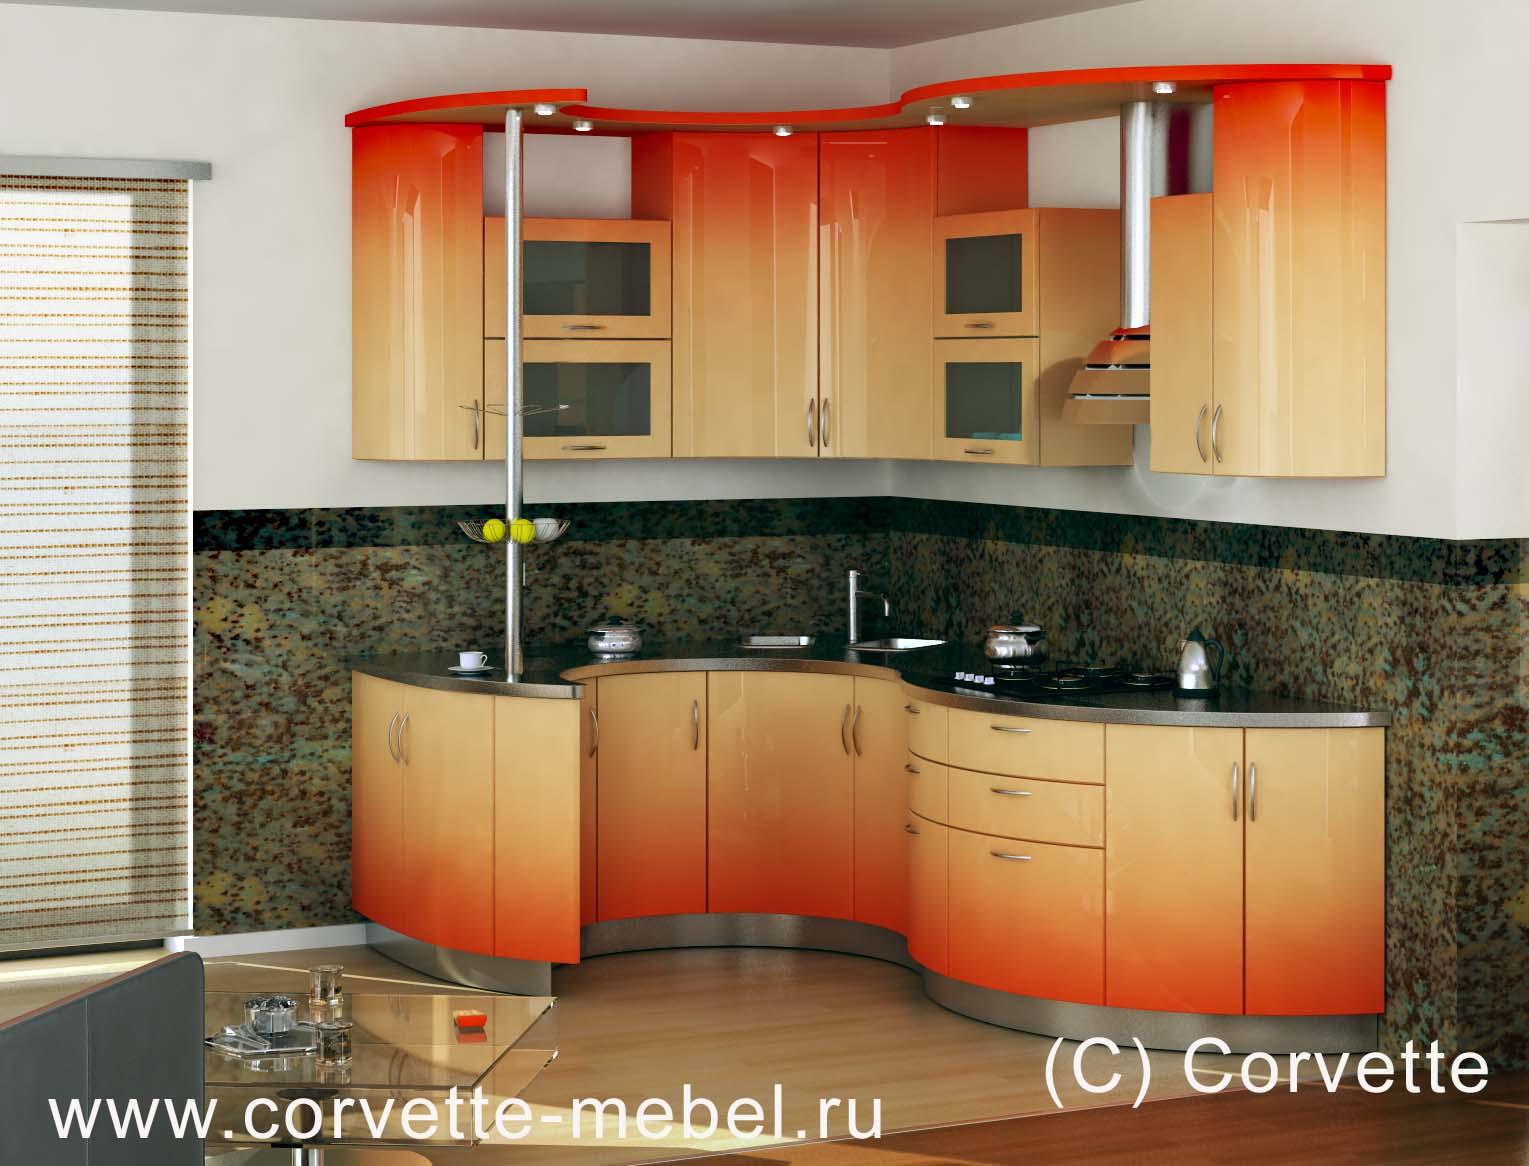 Угловая кухня гнутый фасад трапеза 2100х1230 - доска объявле.